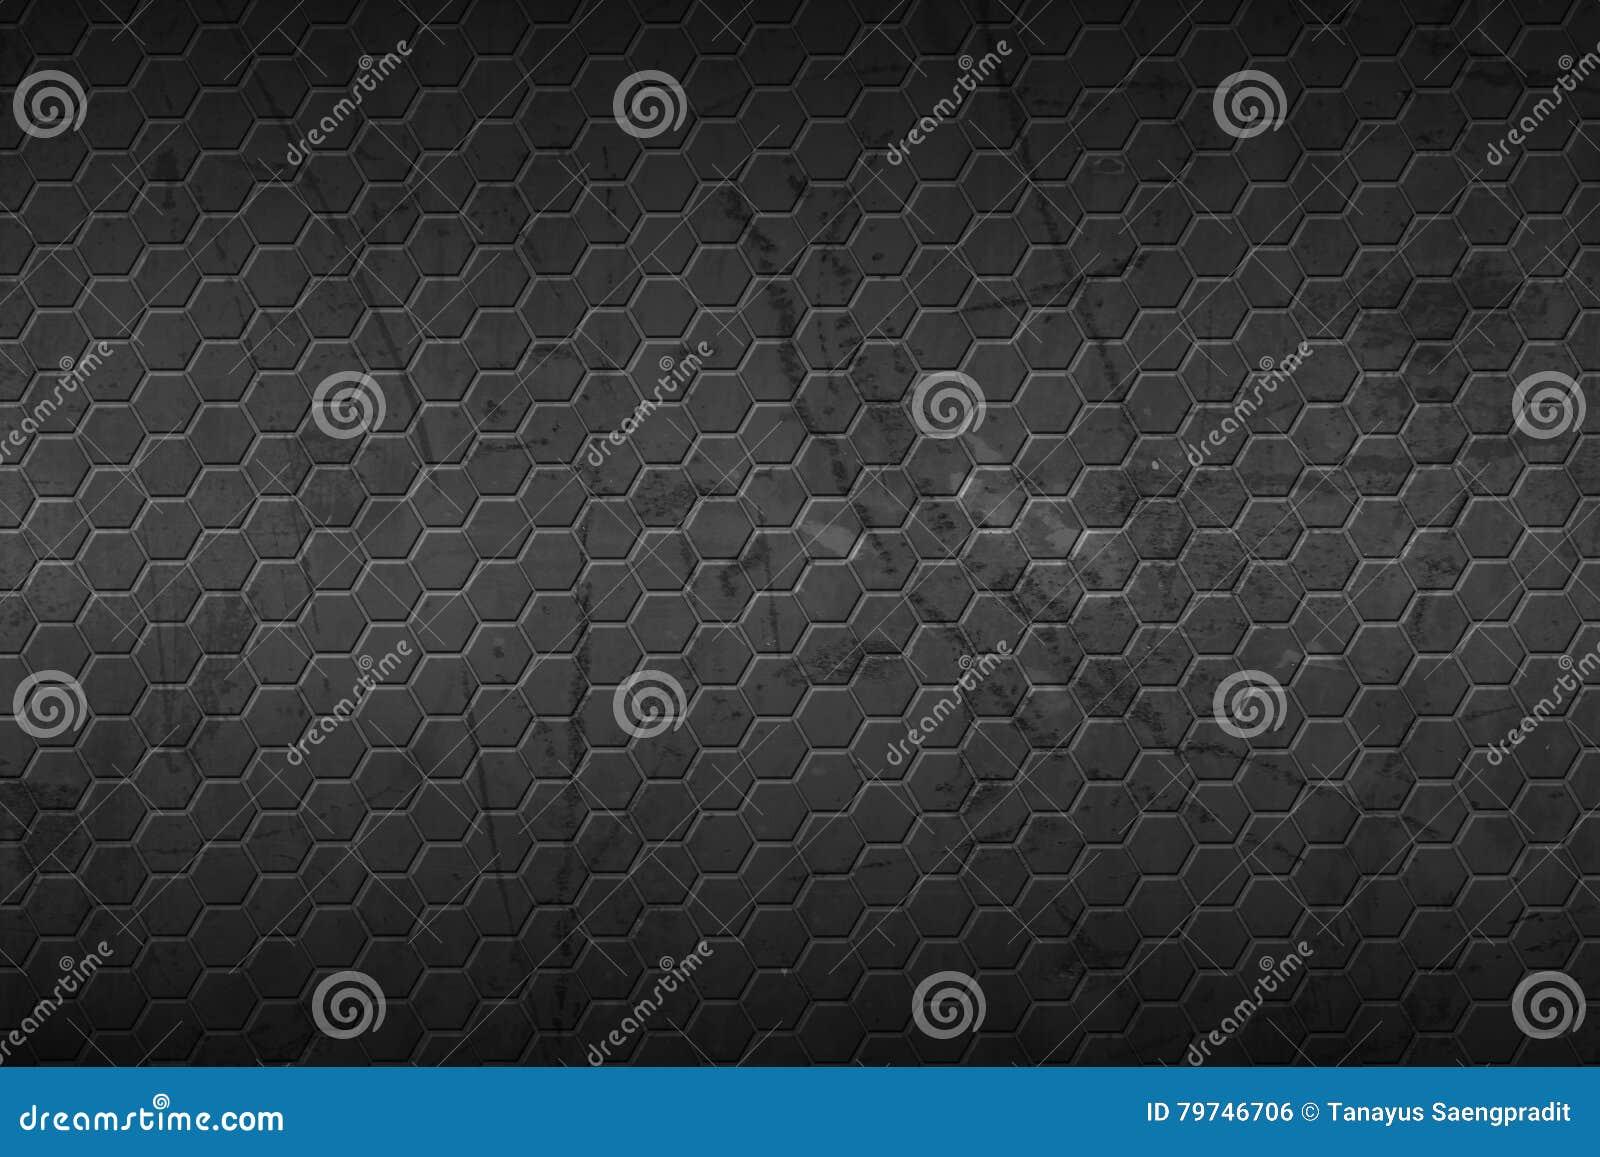 Fondo y textura del hexágono